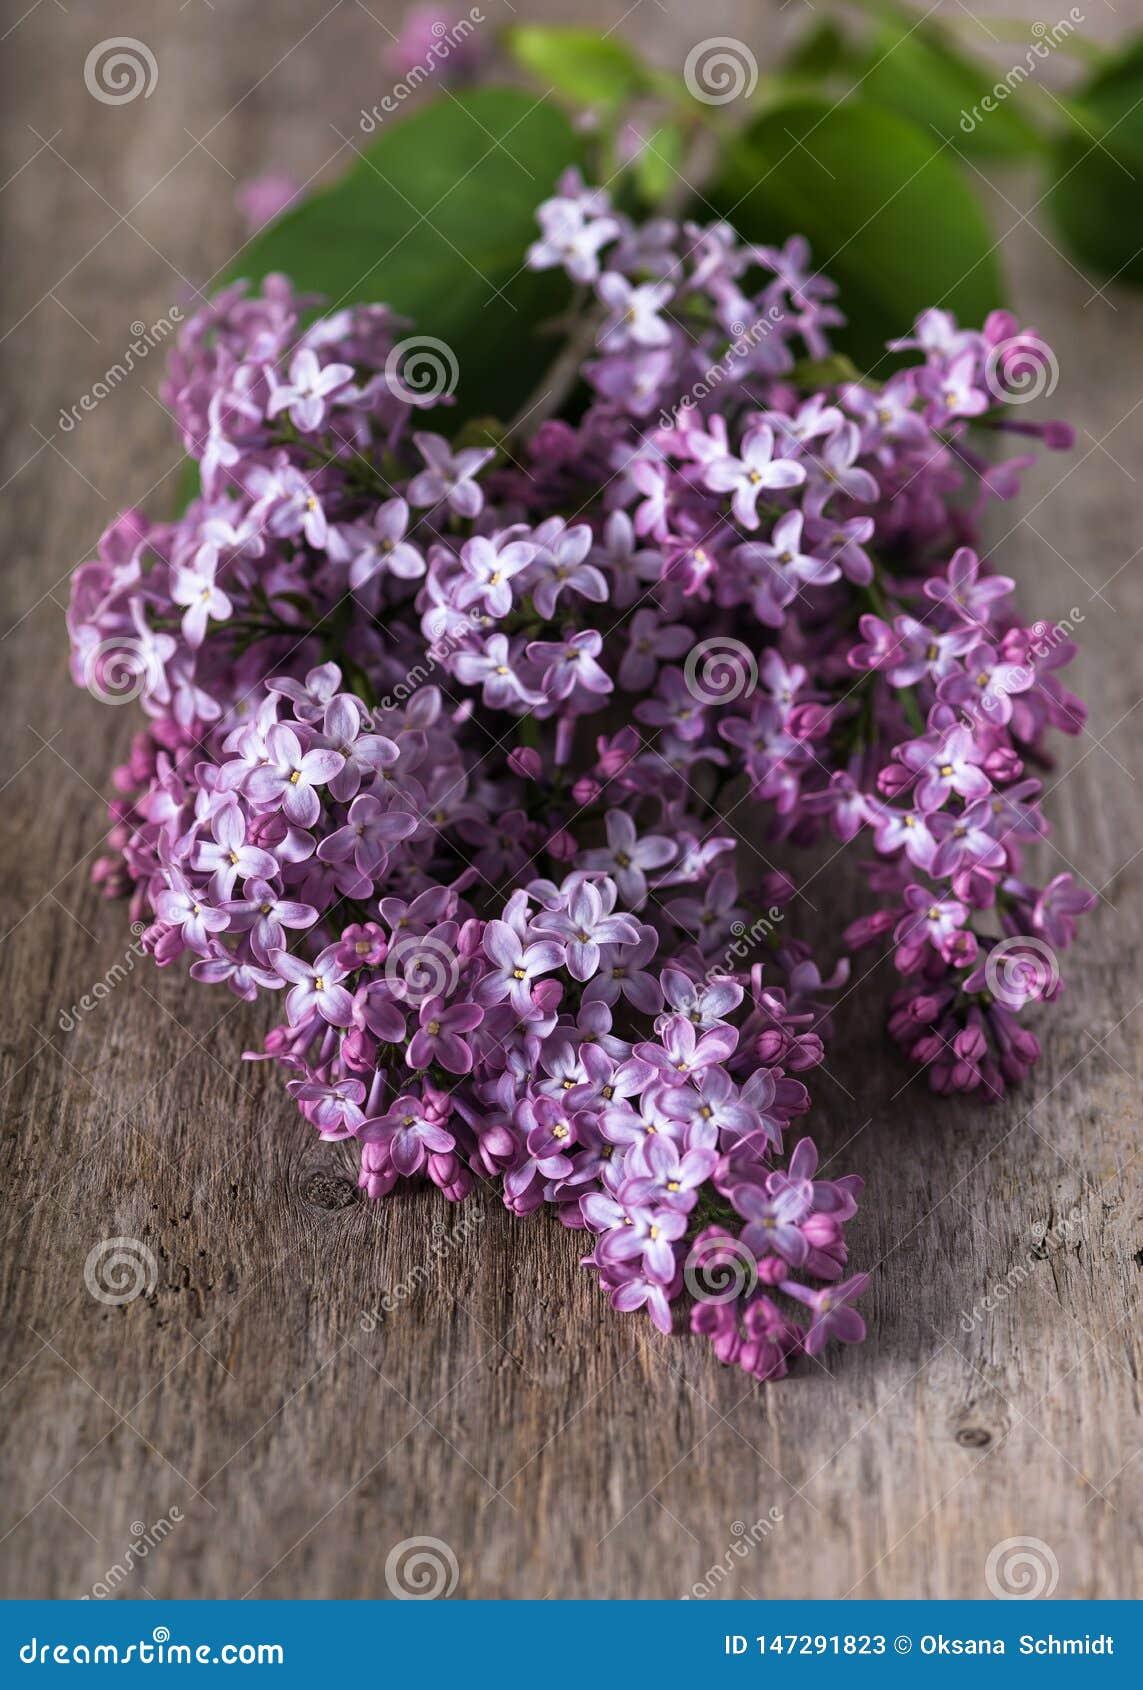 Sch?ne frische purpurrote violette lila Blumen